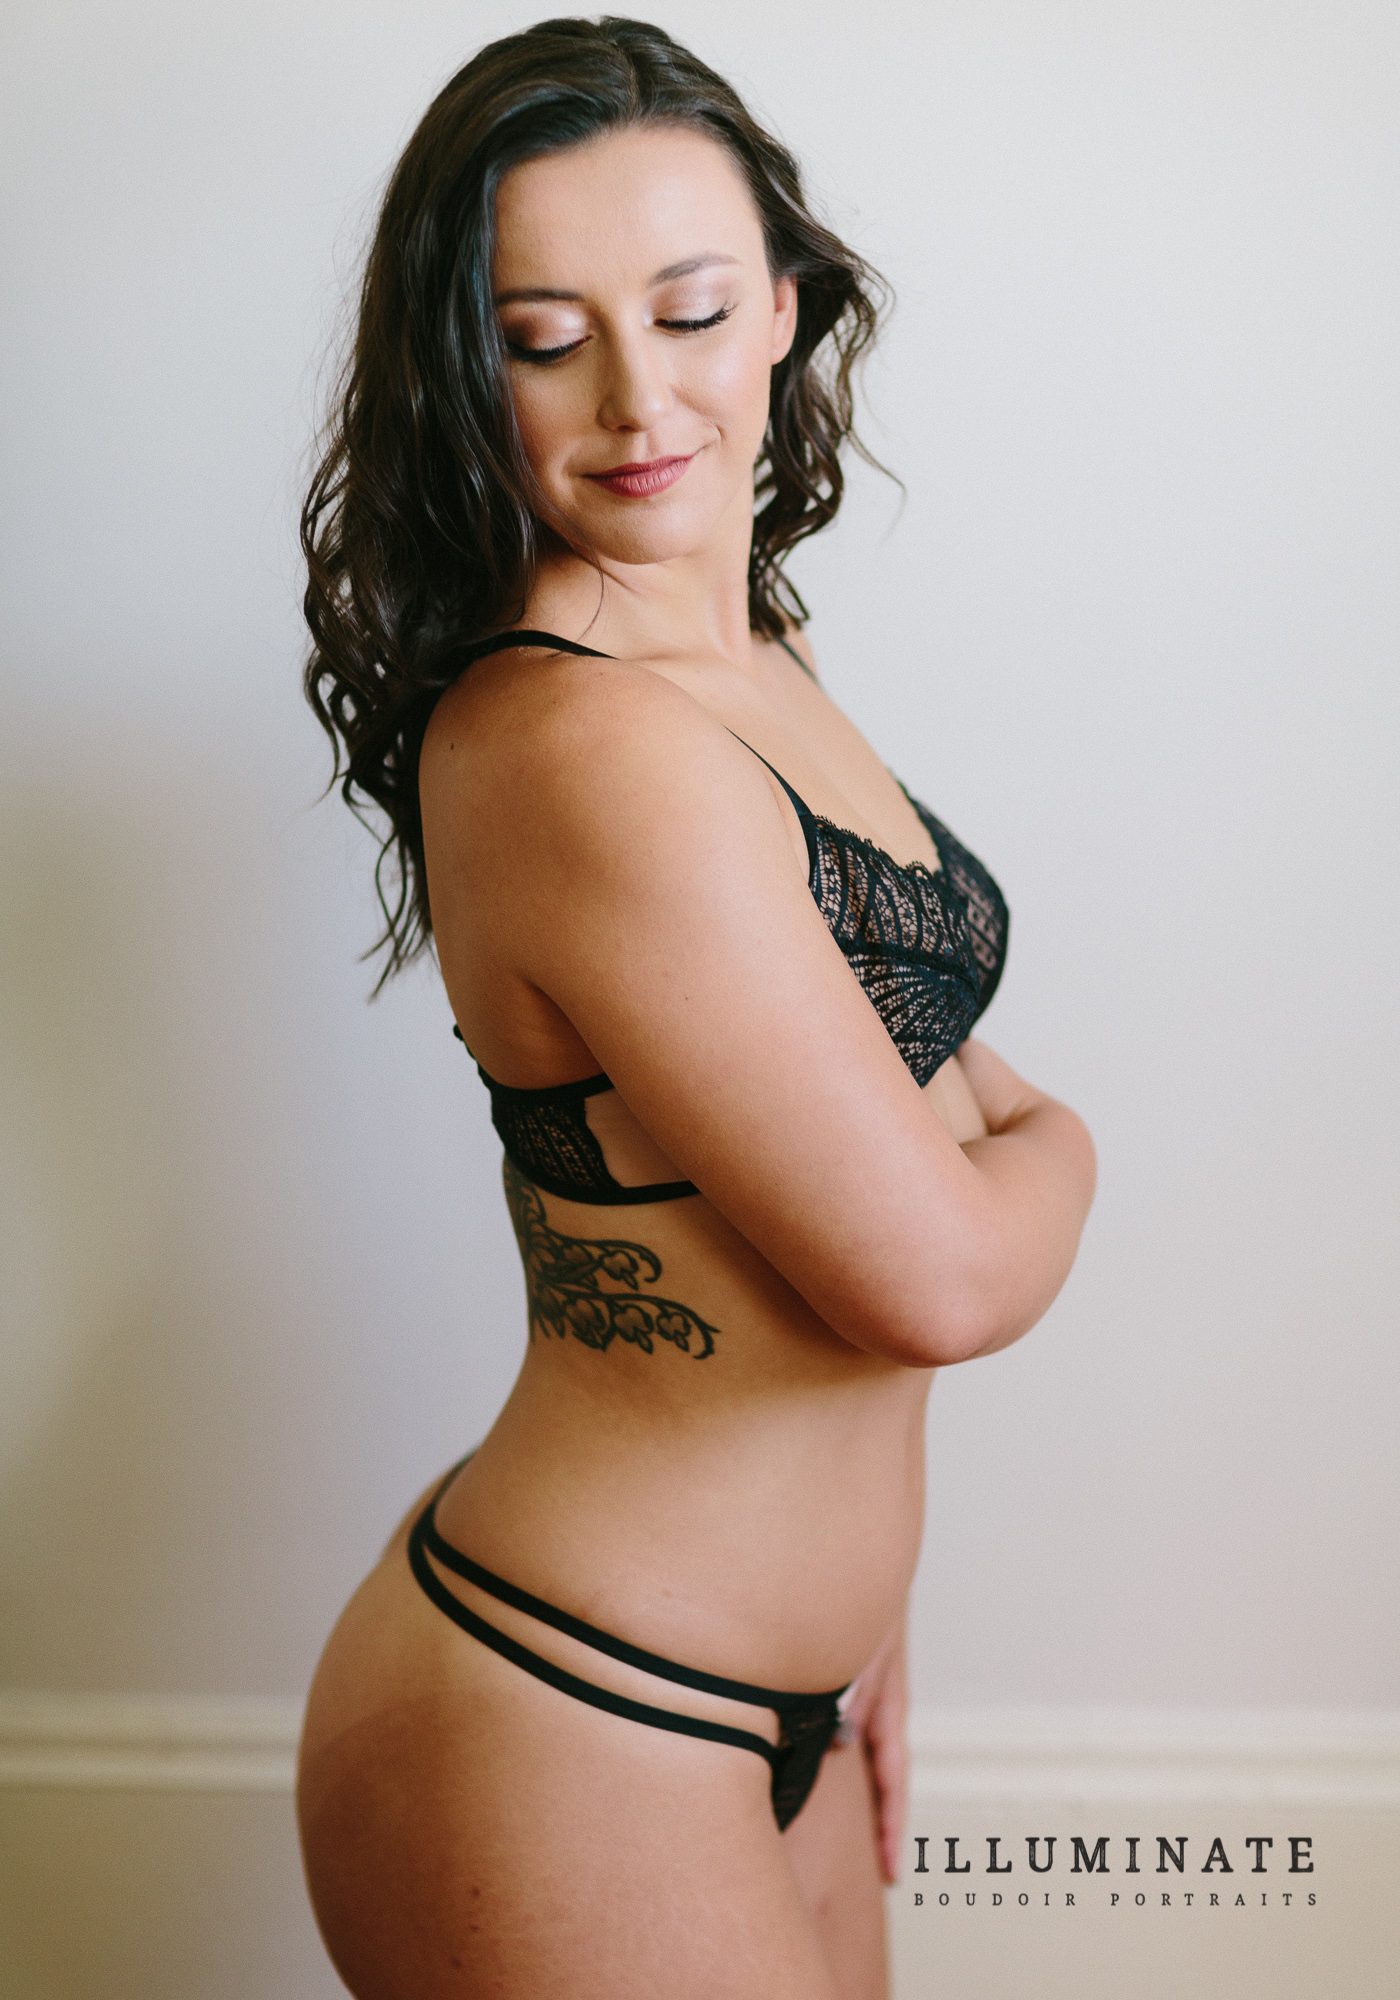 yoga teacher boudoir portraits-20.jpg